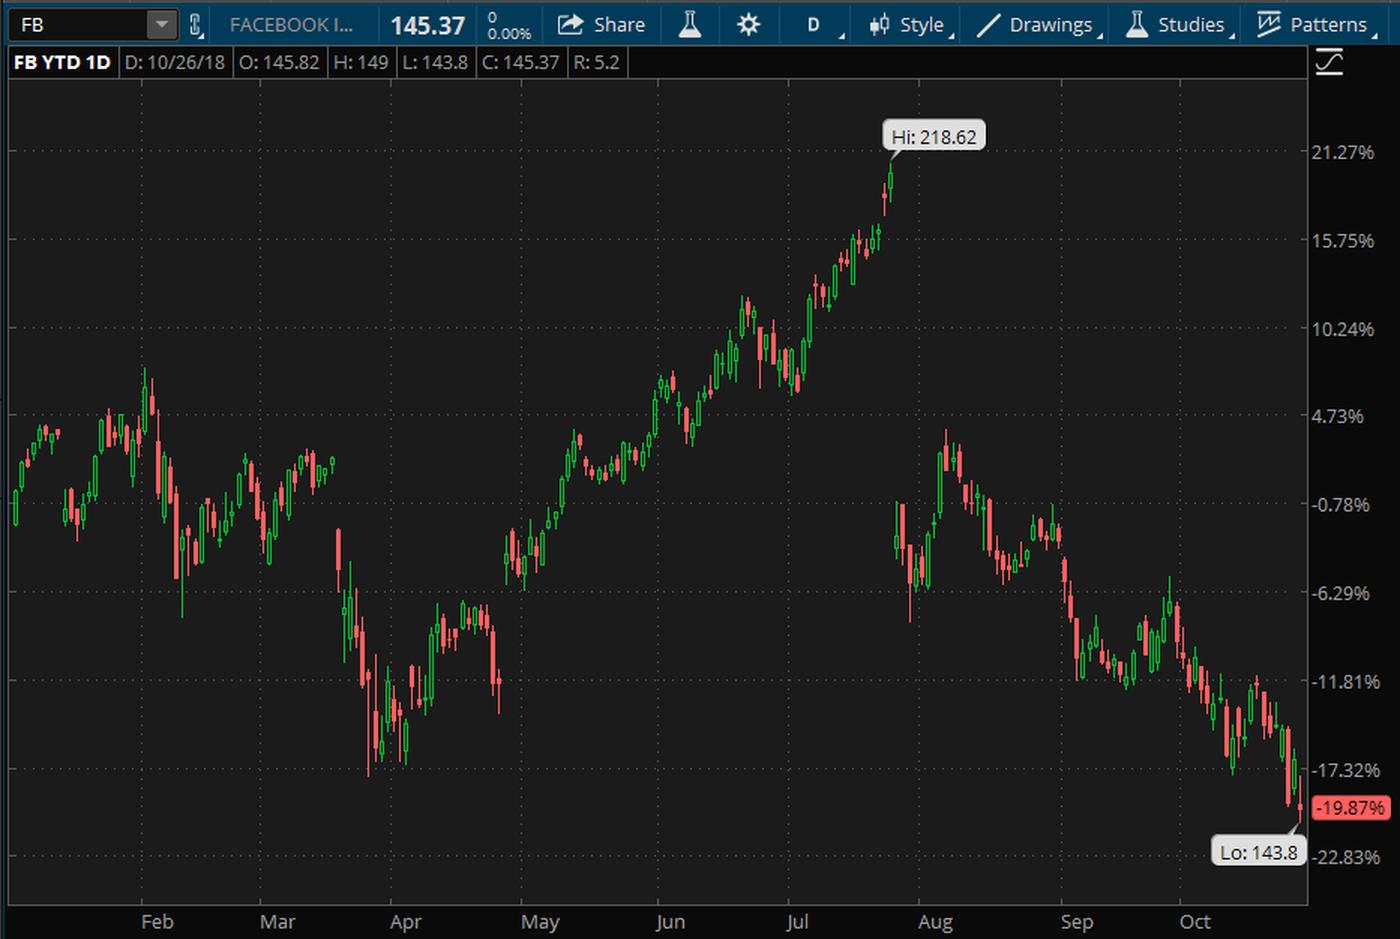 facebook-stock-chart-fb-earnings-eps-instagram-oculus-mark-zuckerberg.png